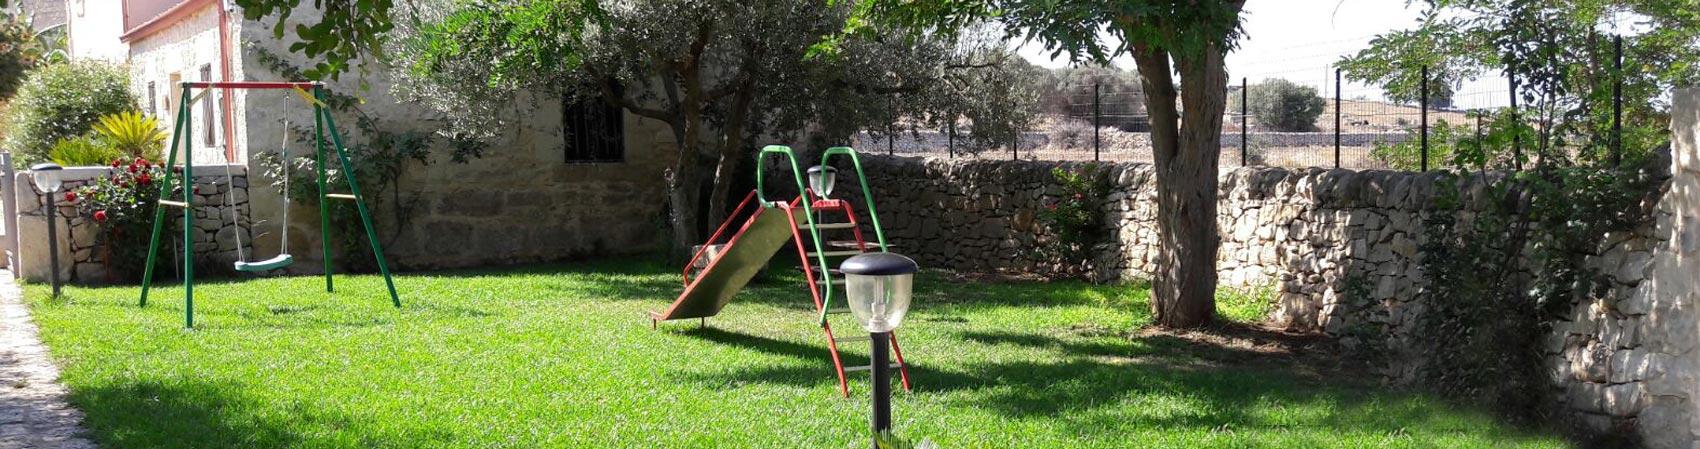 casale-imperatore-parco-giochi-per-bambini